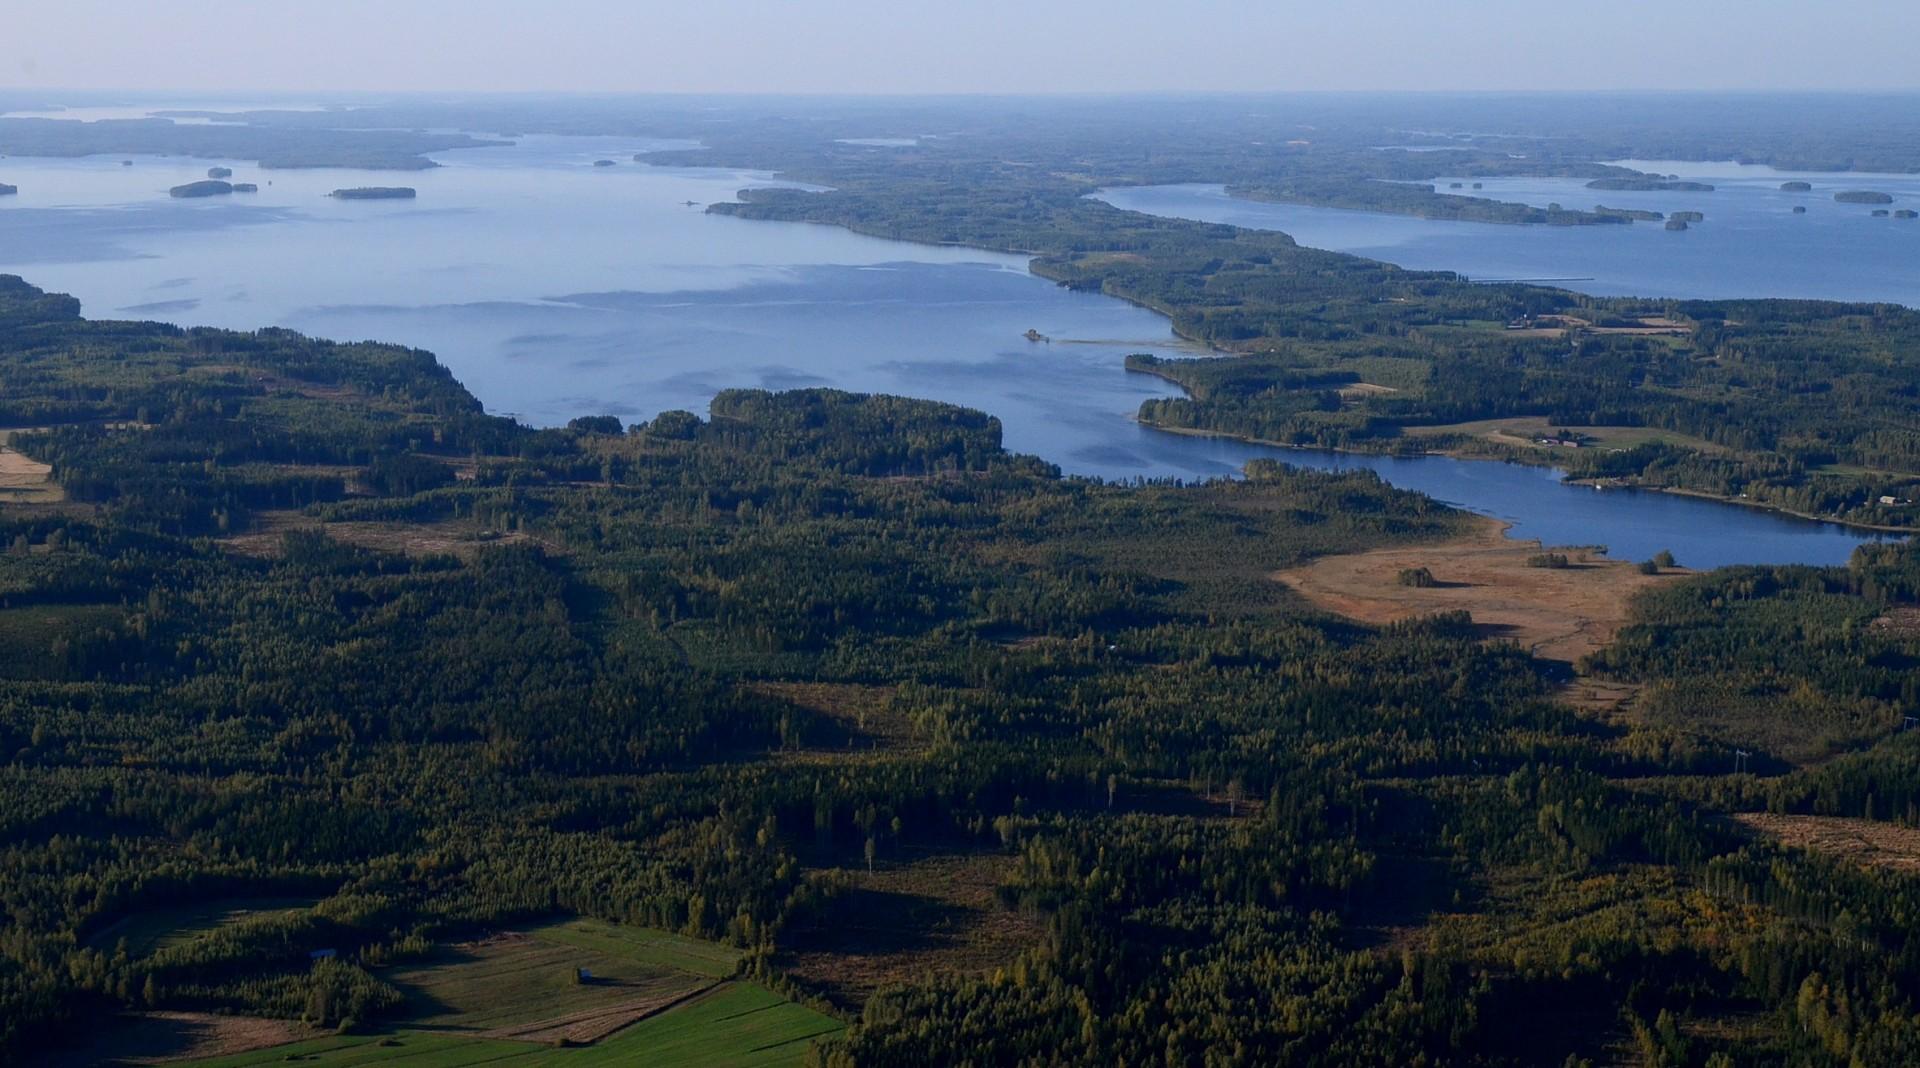 Vasemmalla Lavianselkä ja kannaksen oikealla puolella Pohjois-Konnevesi. Kannaksessa on Neiturin kanava